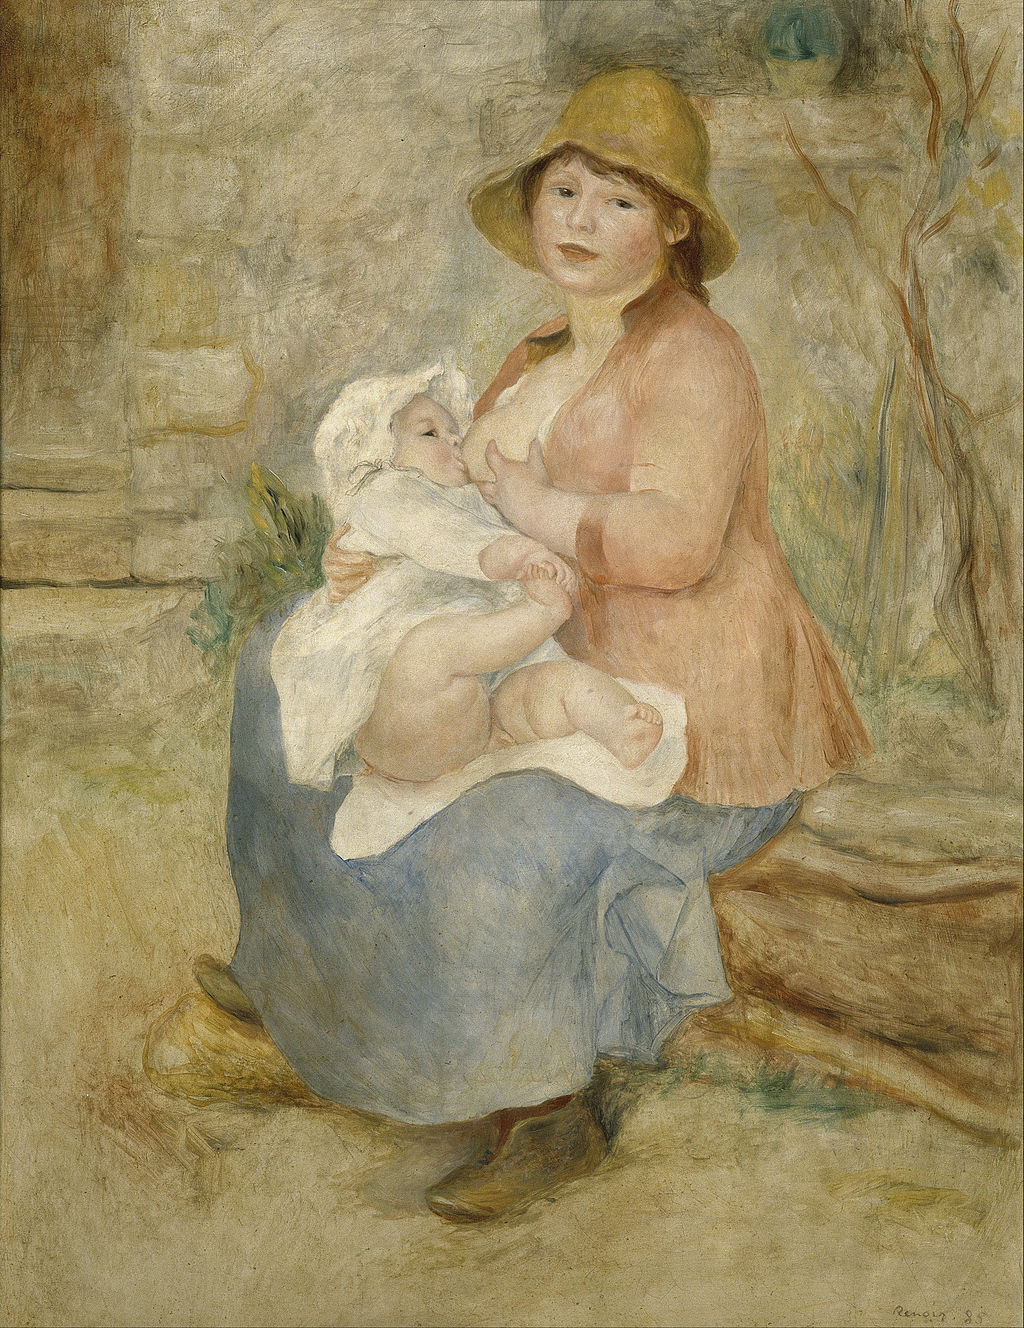 """A ideia da mãe amamentadora e super presente só surgiu após a Revolução Industrial - Imagem: """"Maternidade"""", de Auguste Renoir"""